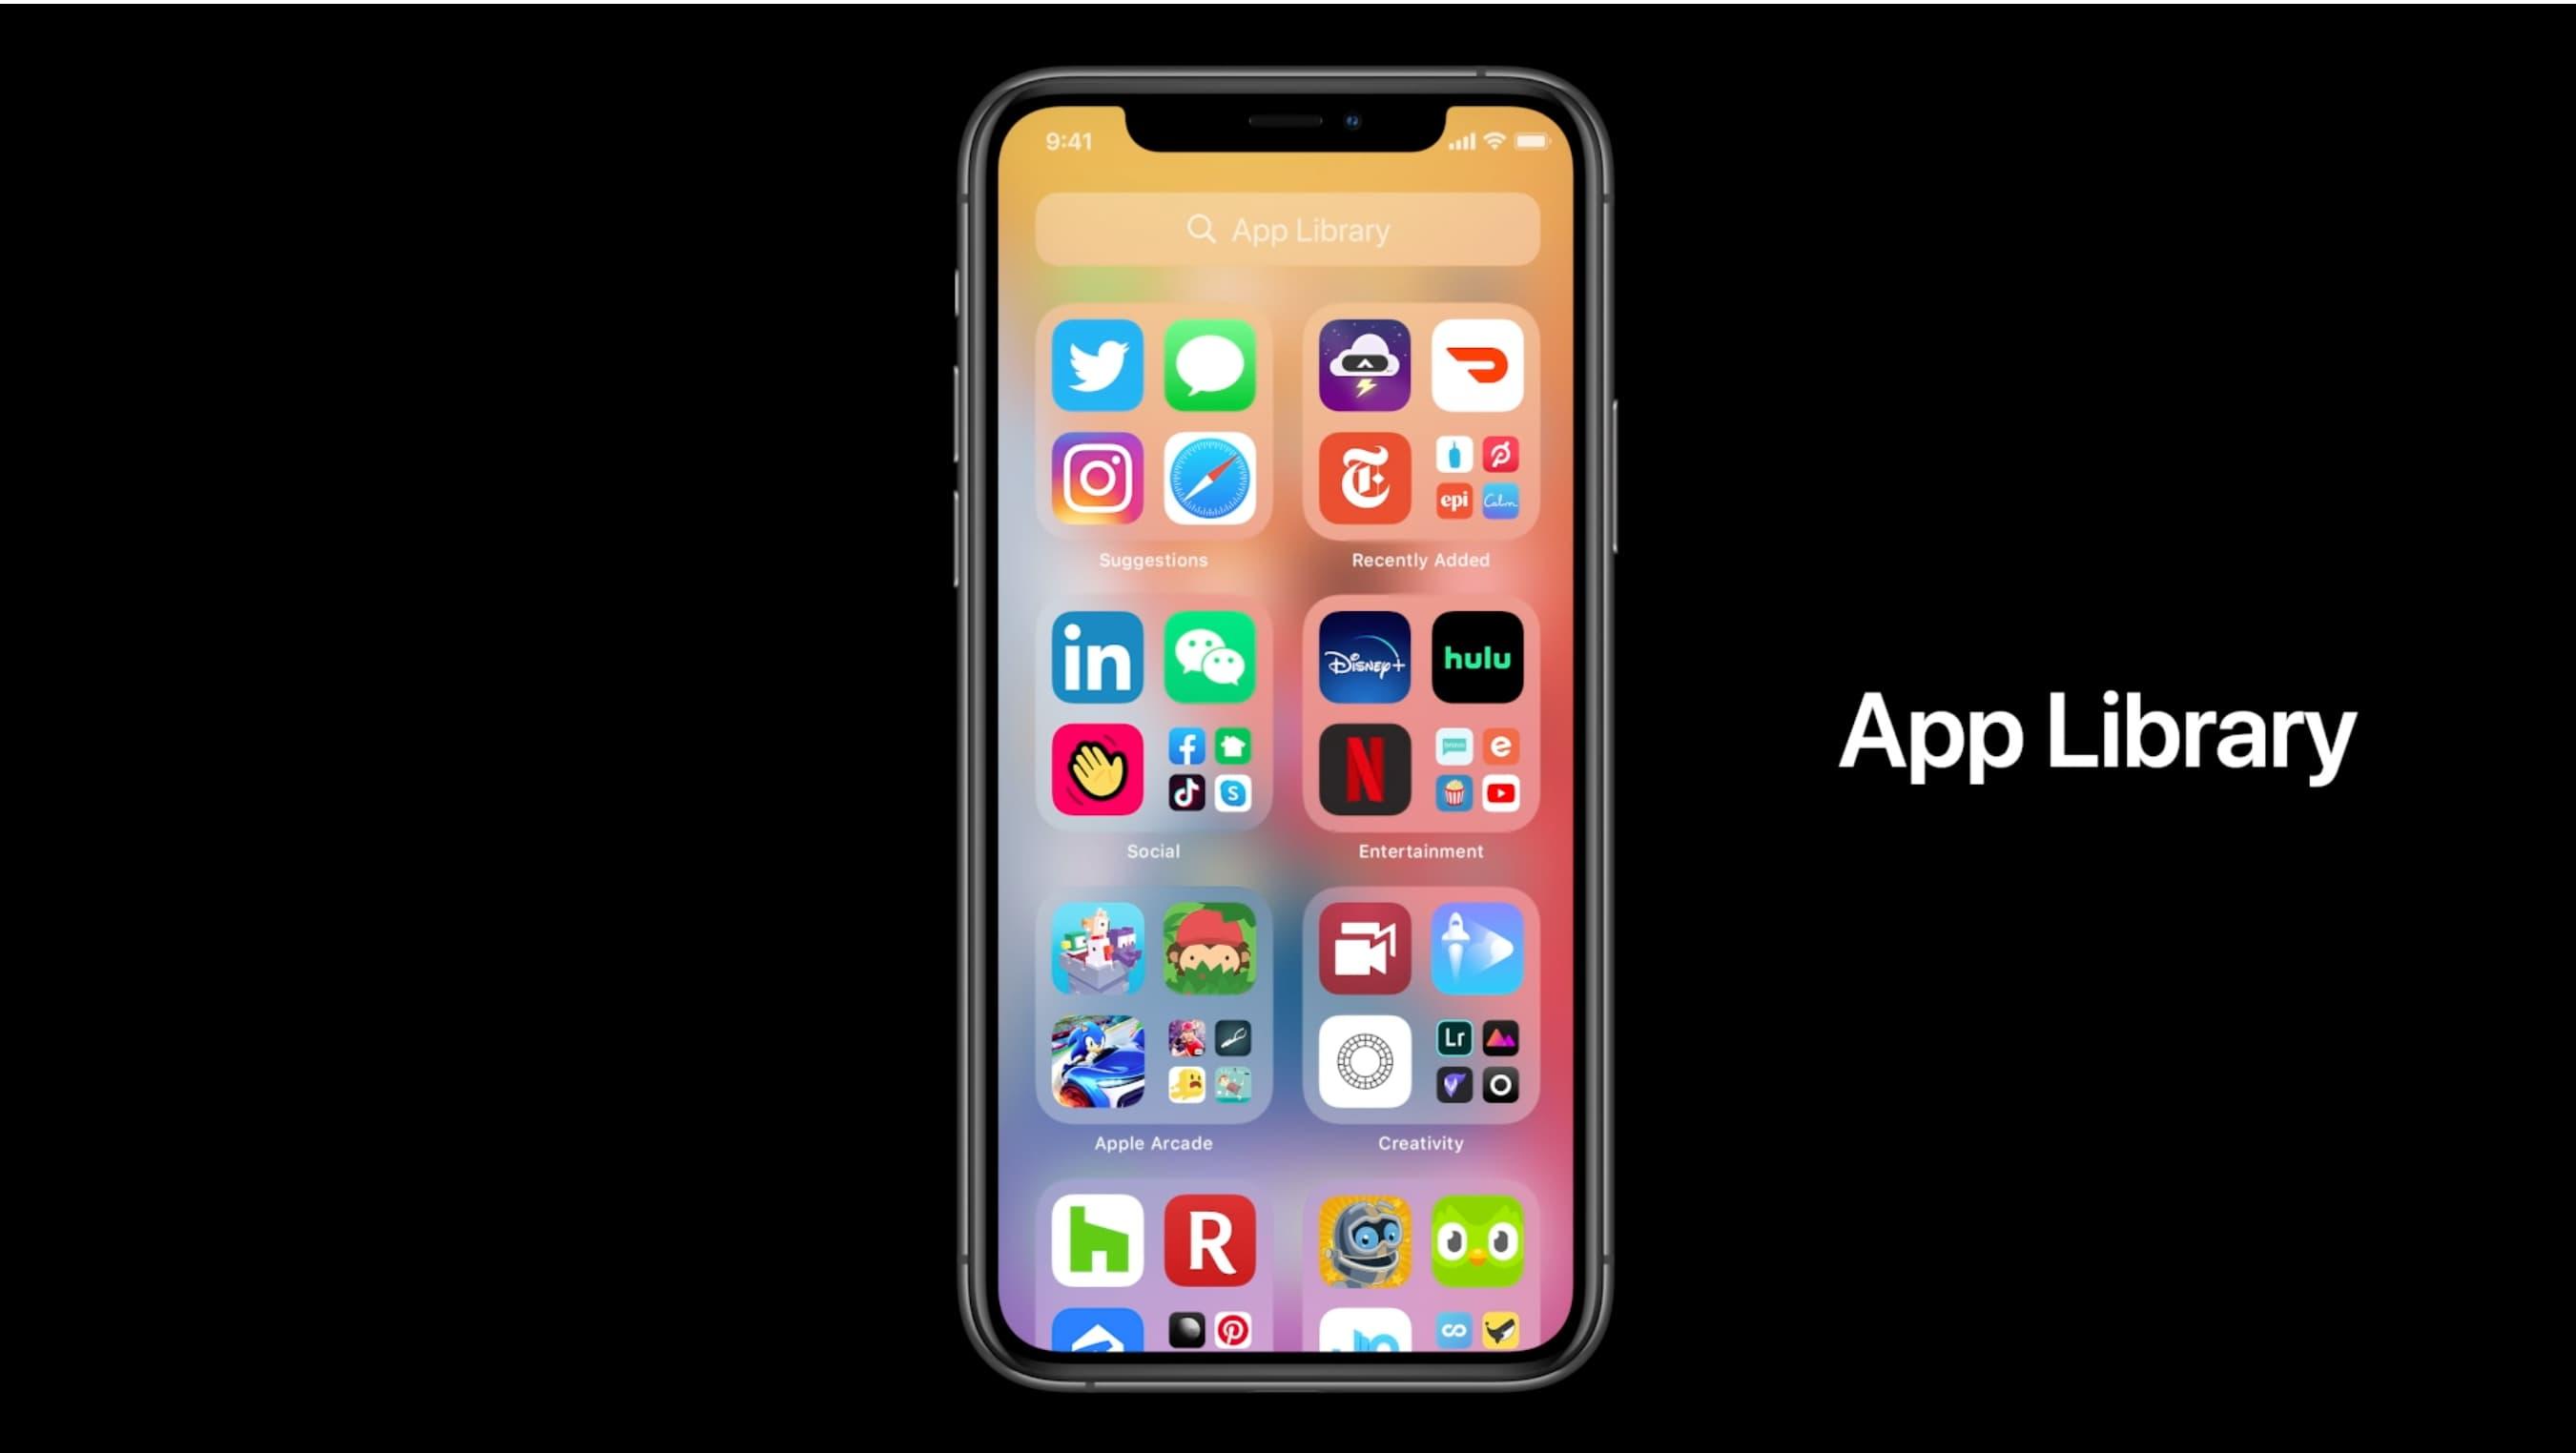 Pobieranie aplikacji na iPhone'a - slajd wprowadzający do biblioteki aplikacji WWDC 2020